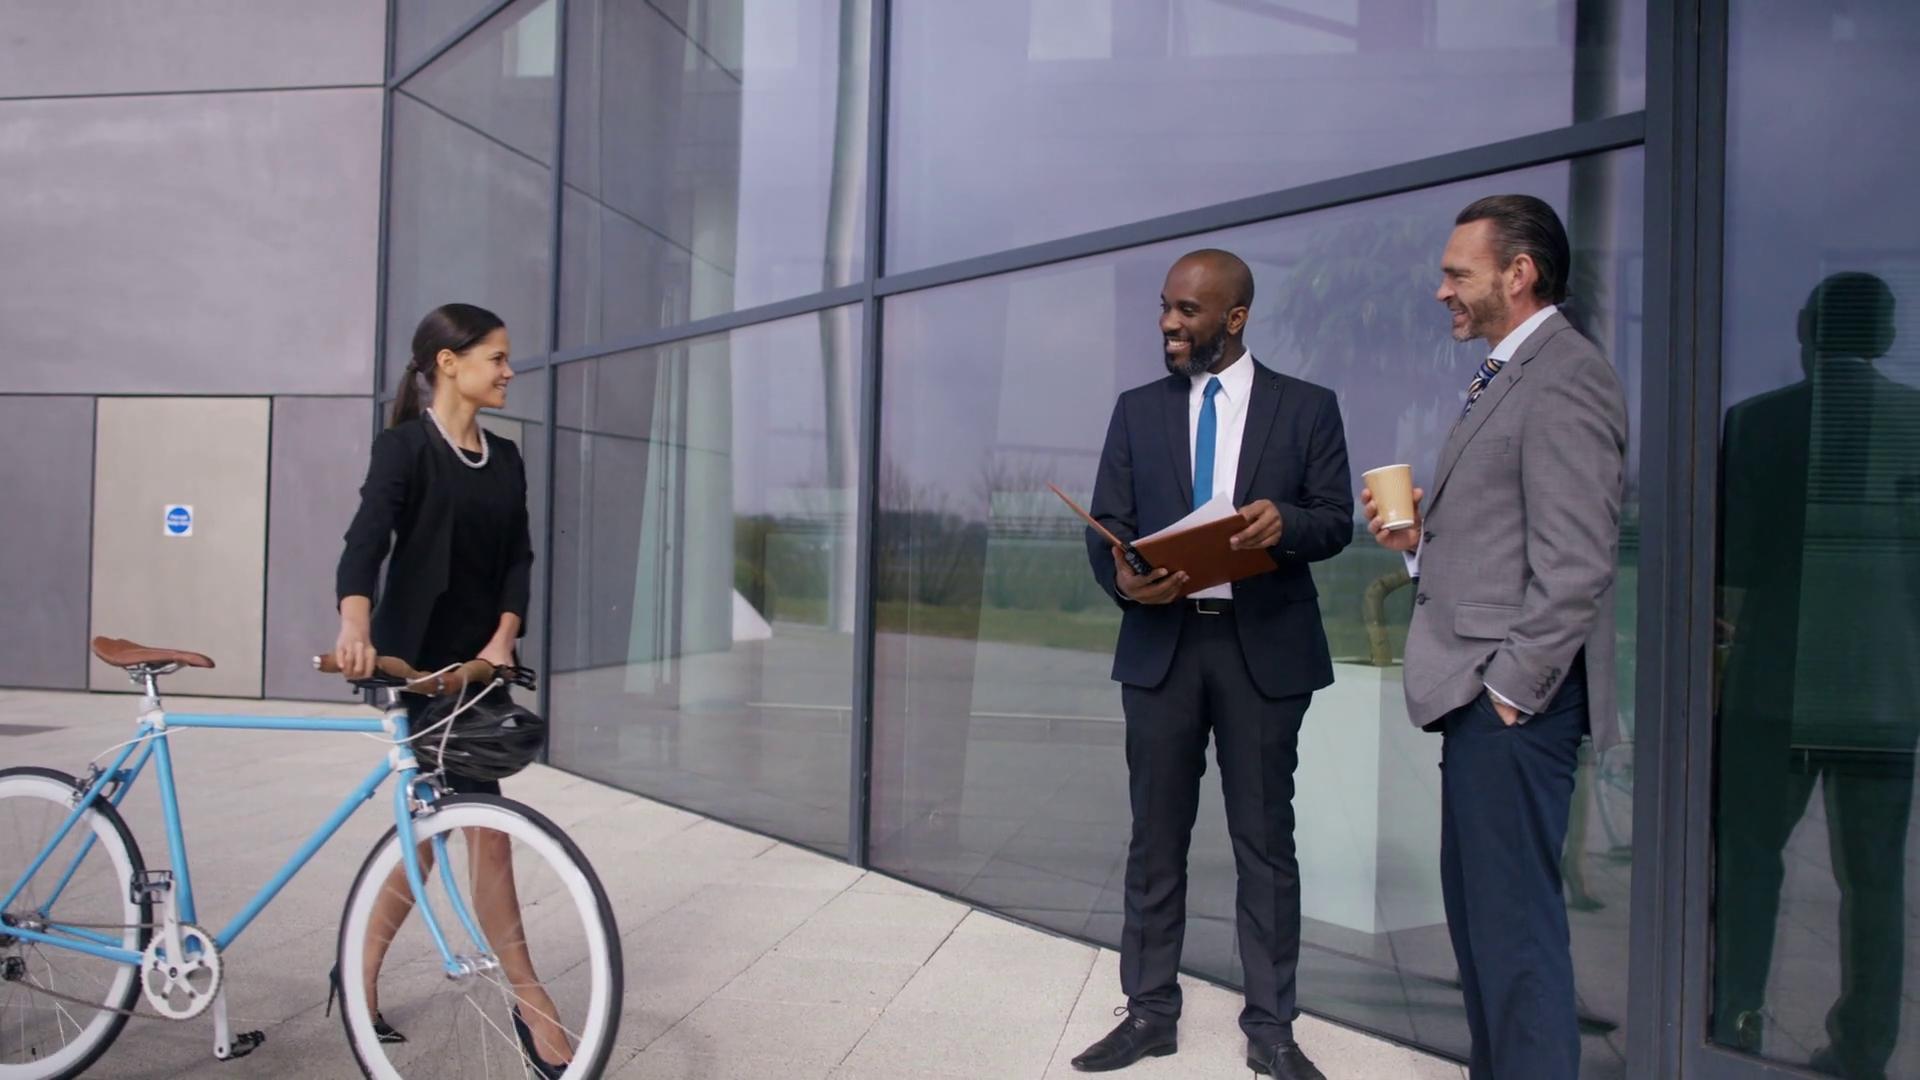 Naast de leaseauto zijn ook de (deel)fiets, taxi en openbaar vervoer aan een opmars bezig in de zakelijke markt. (Foto: aangeleverd)